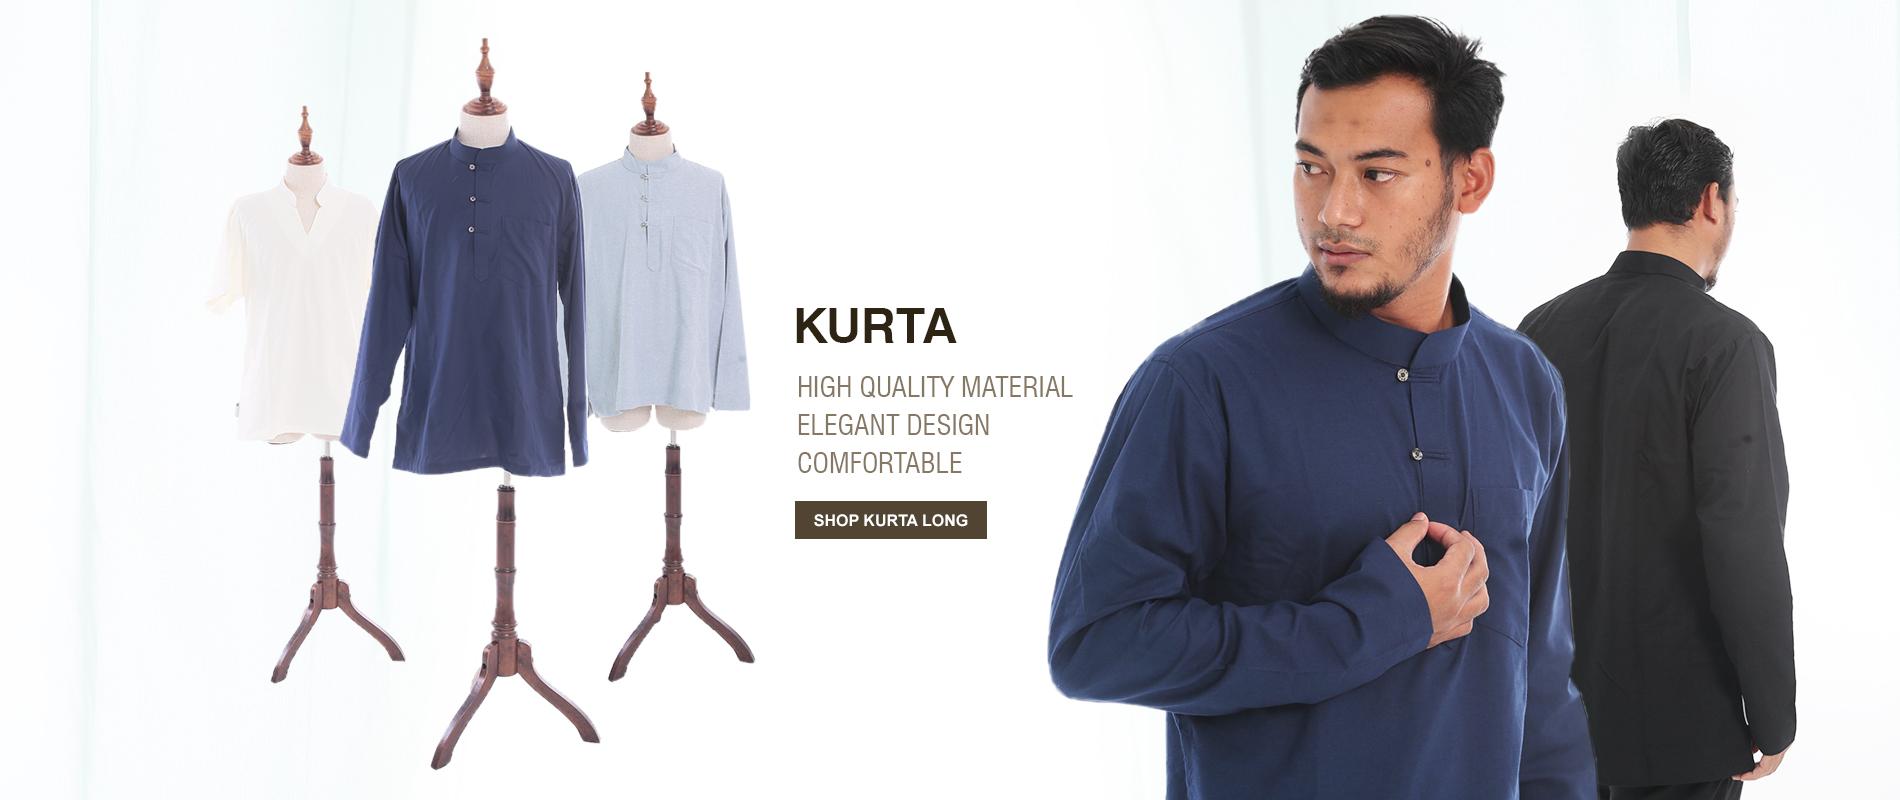 Kurta Long by Krika